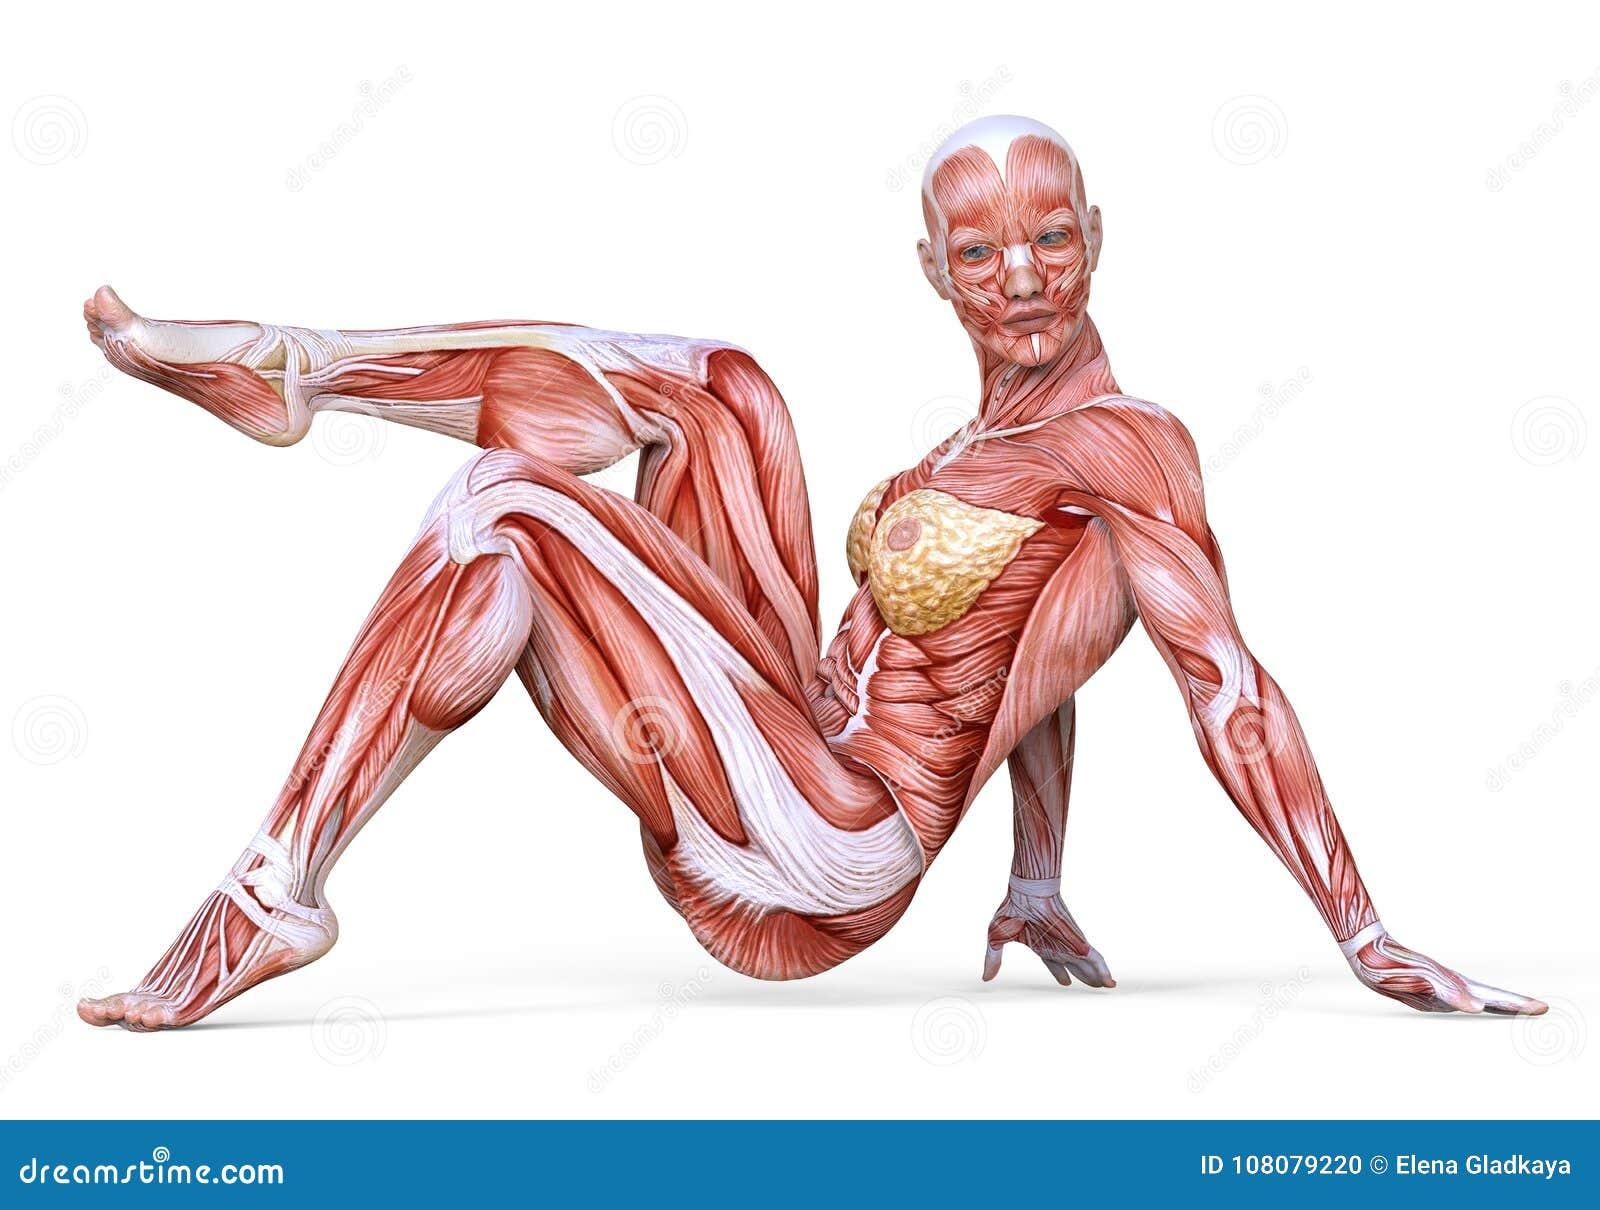 Nieuw 3D Illustratie Vrouwelijk Die Lichaam Zonder Huid, Anatomie En CM-81